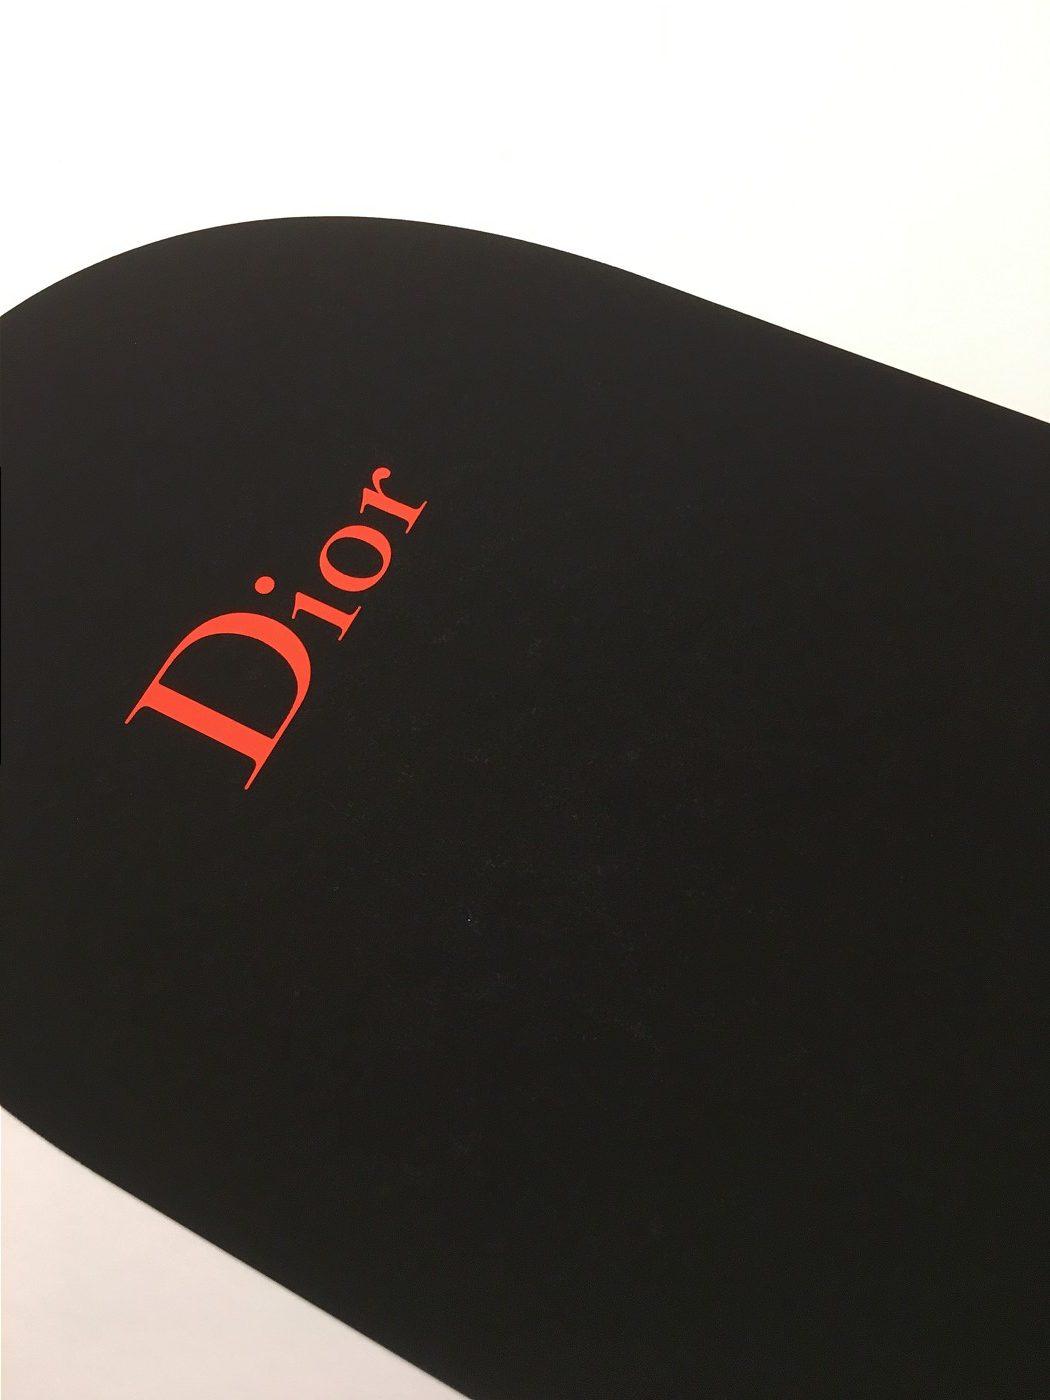 COLLECTION1_DiorHommeXDanWitz_5